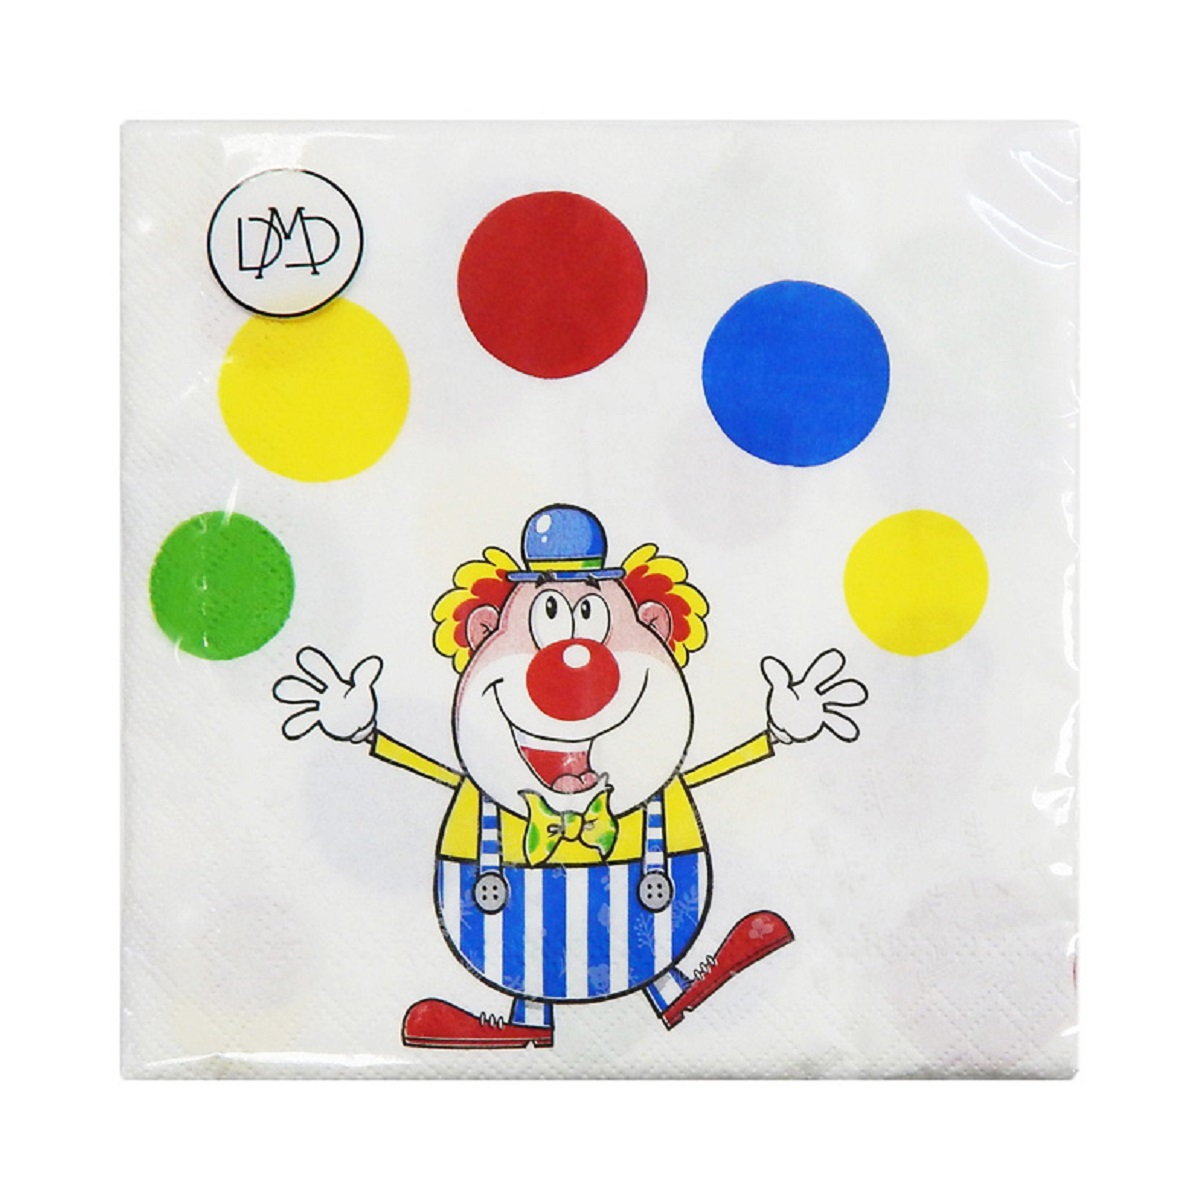 Бумажные салфетки DMD Клоун, 33 х 33 см, три слоя, 20 шт15466Бумажные трехслойные салфетки DMD Клоун для бытового и санитарно-гигиенического назначения одноразового использования.